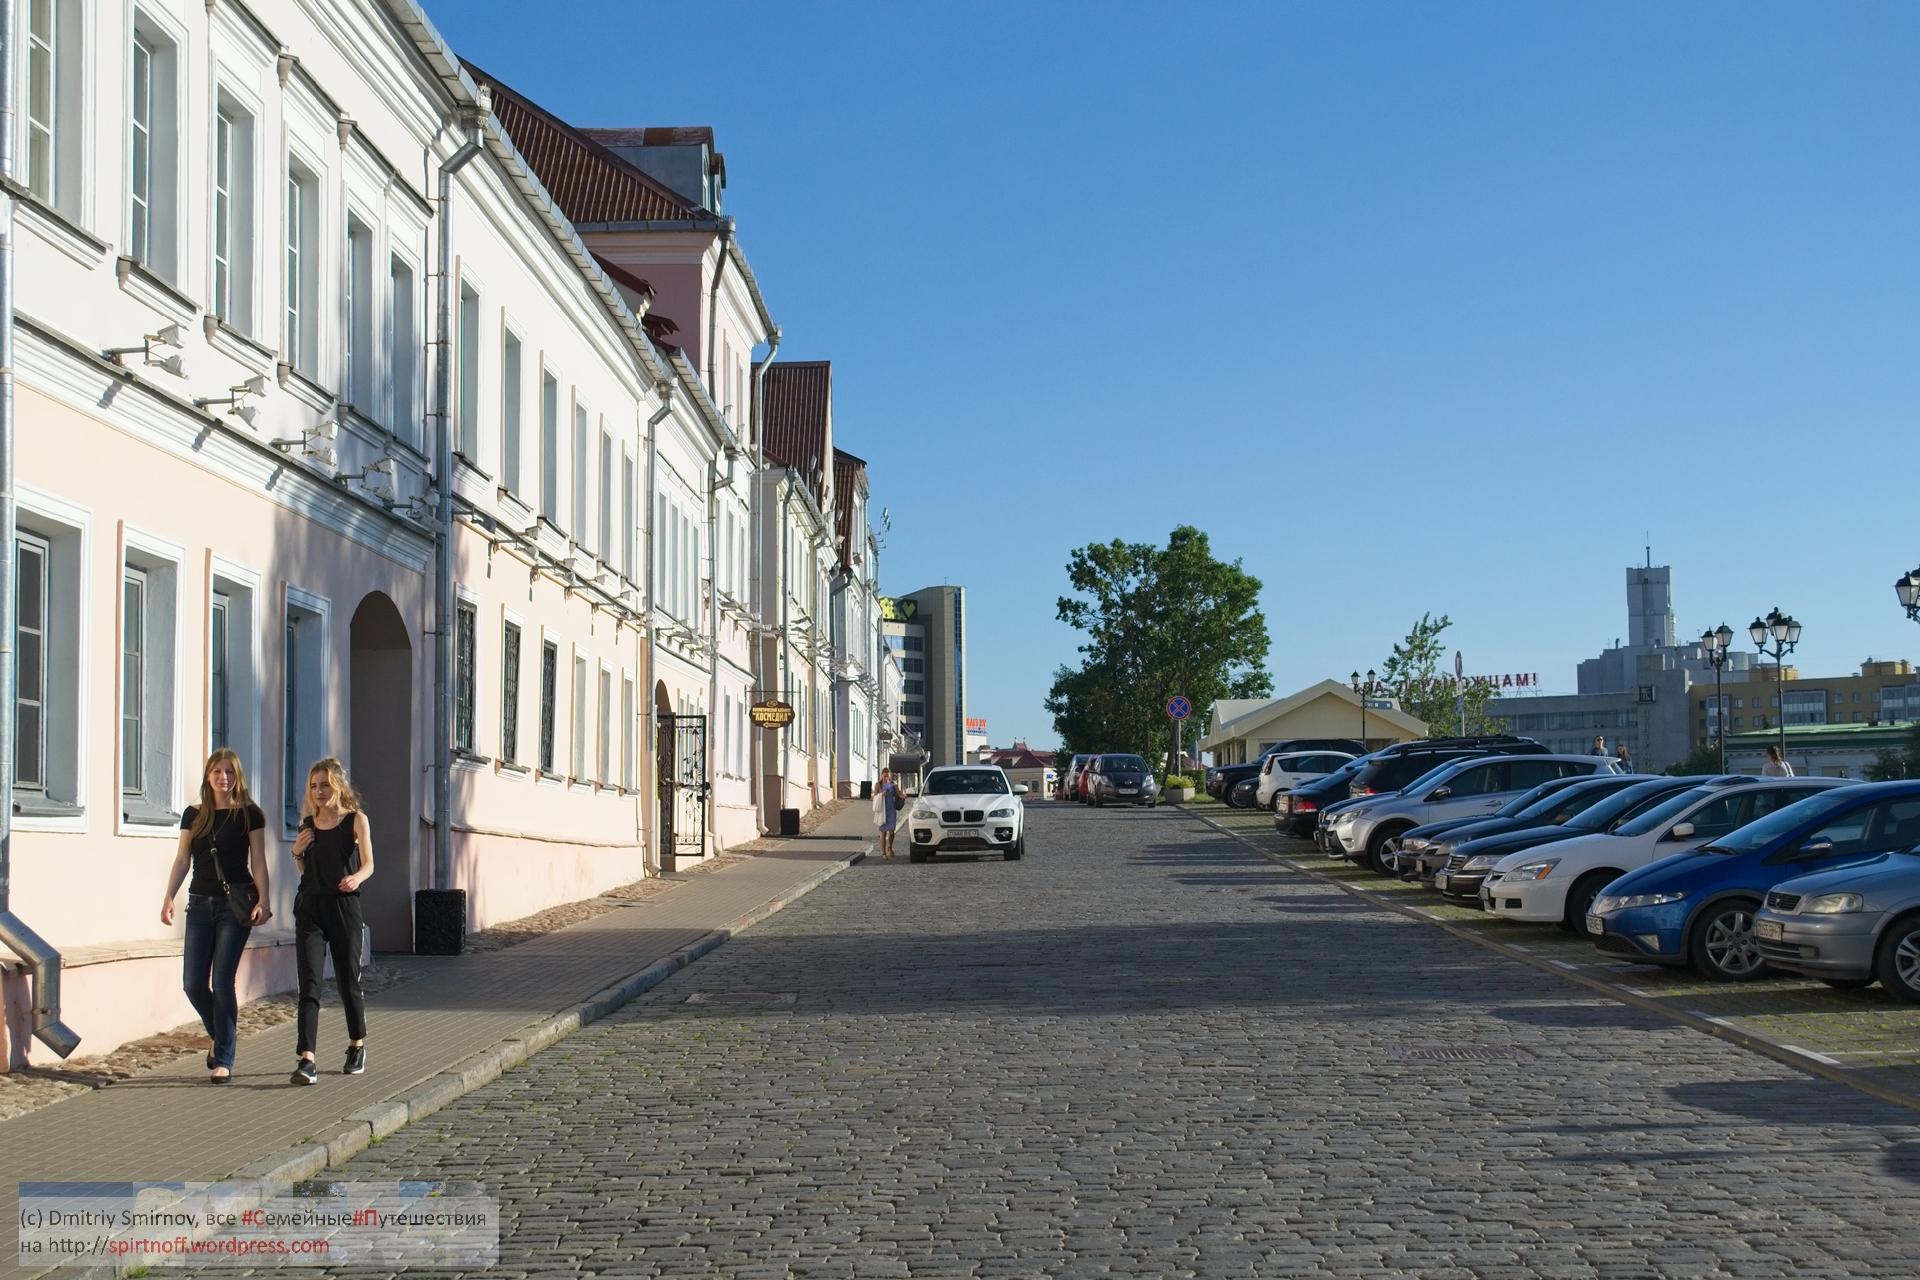 DSC_6675-Blog-39 Путешествия  Минск, Троицкое предместье, Набережная воинов-интернационалистов